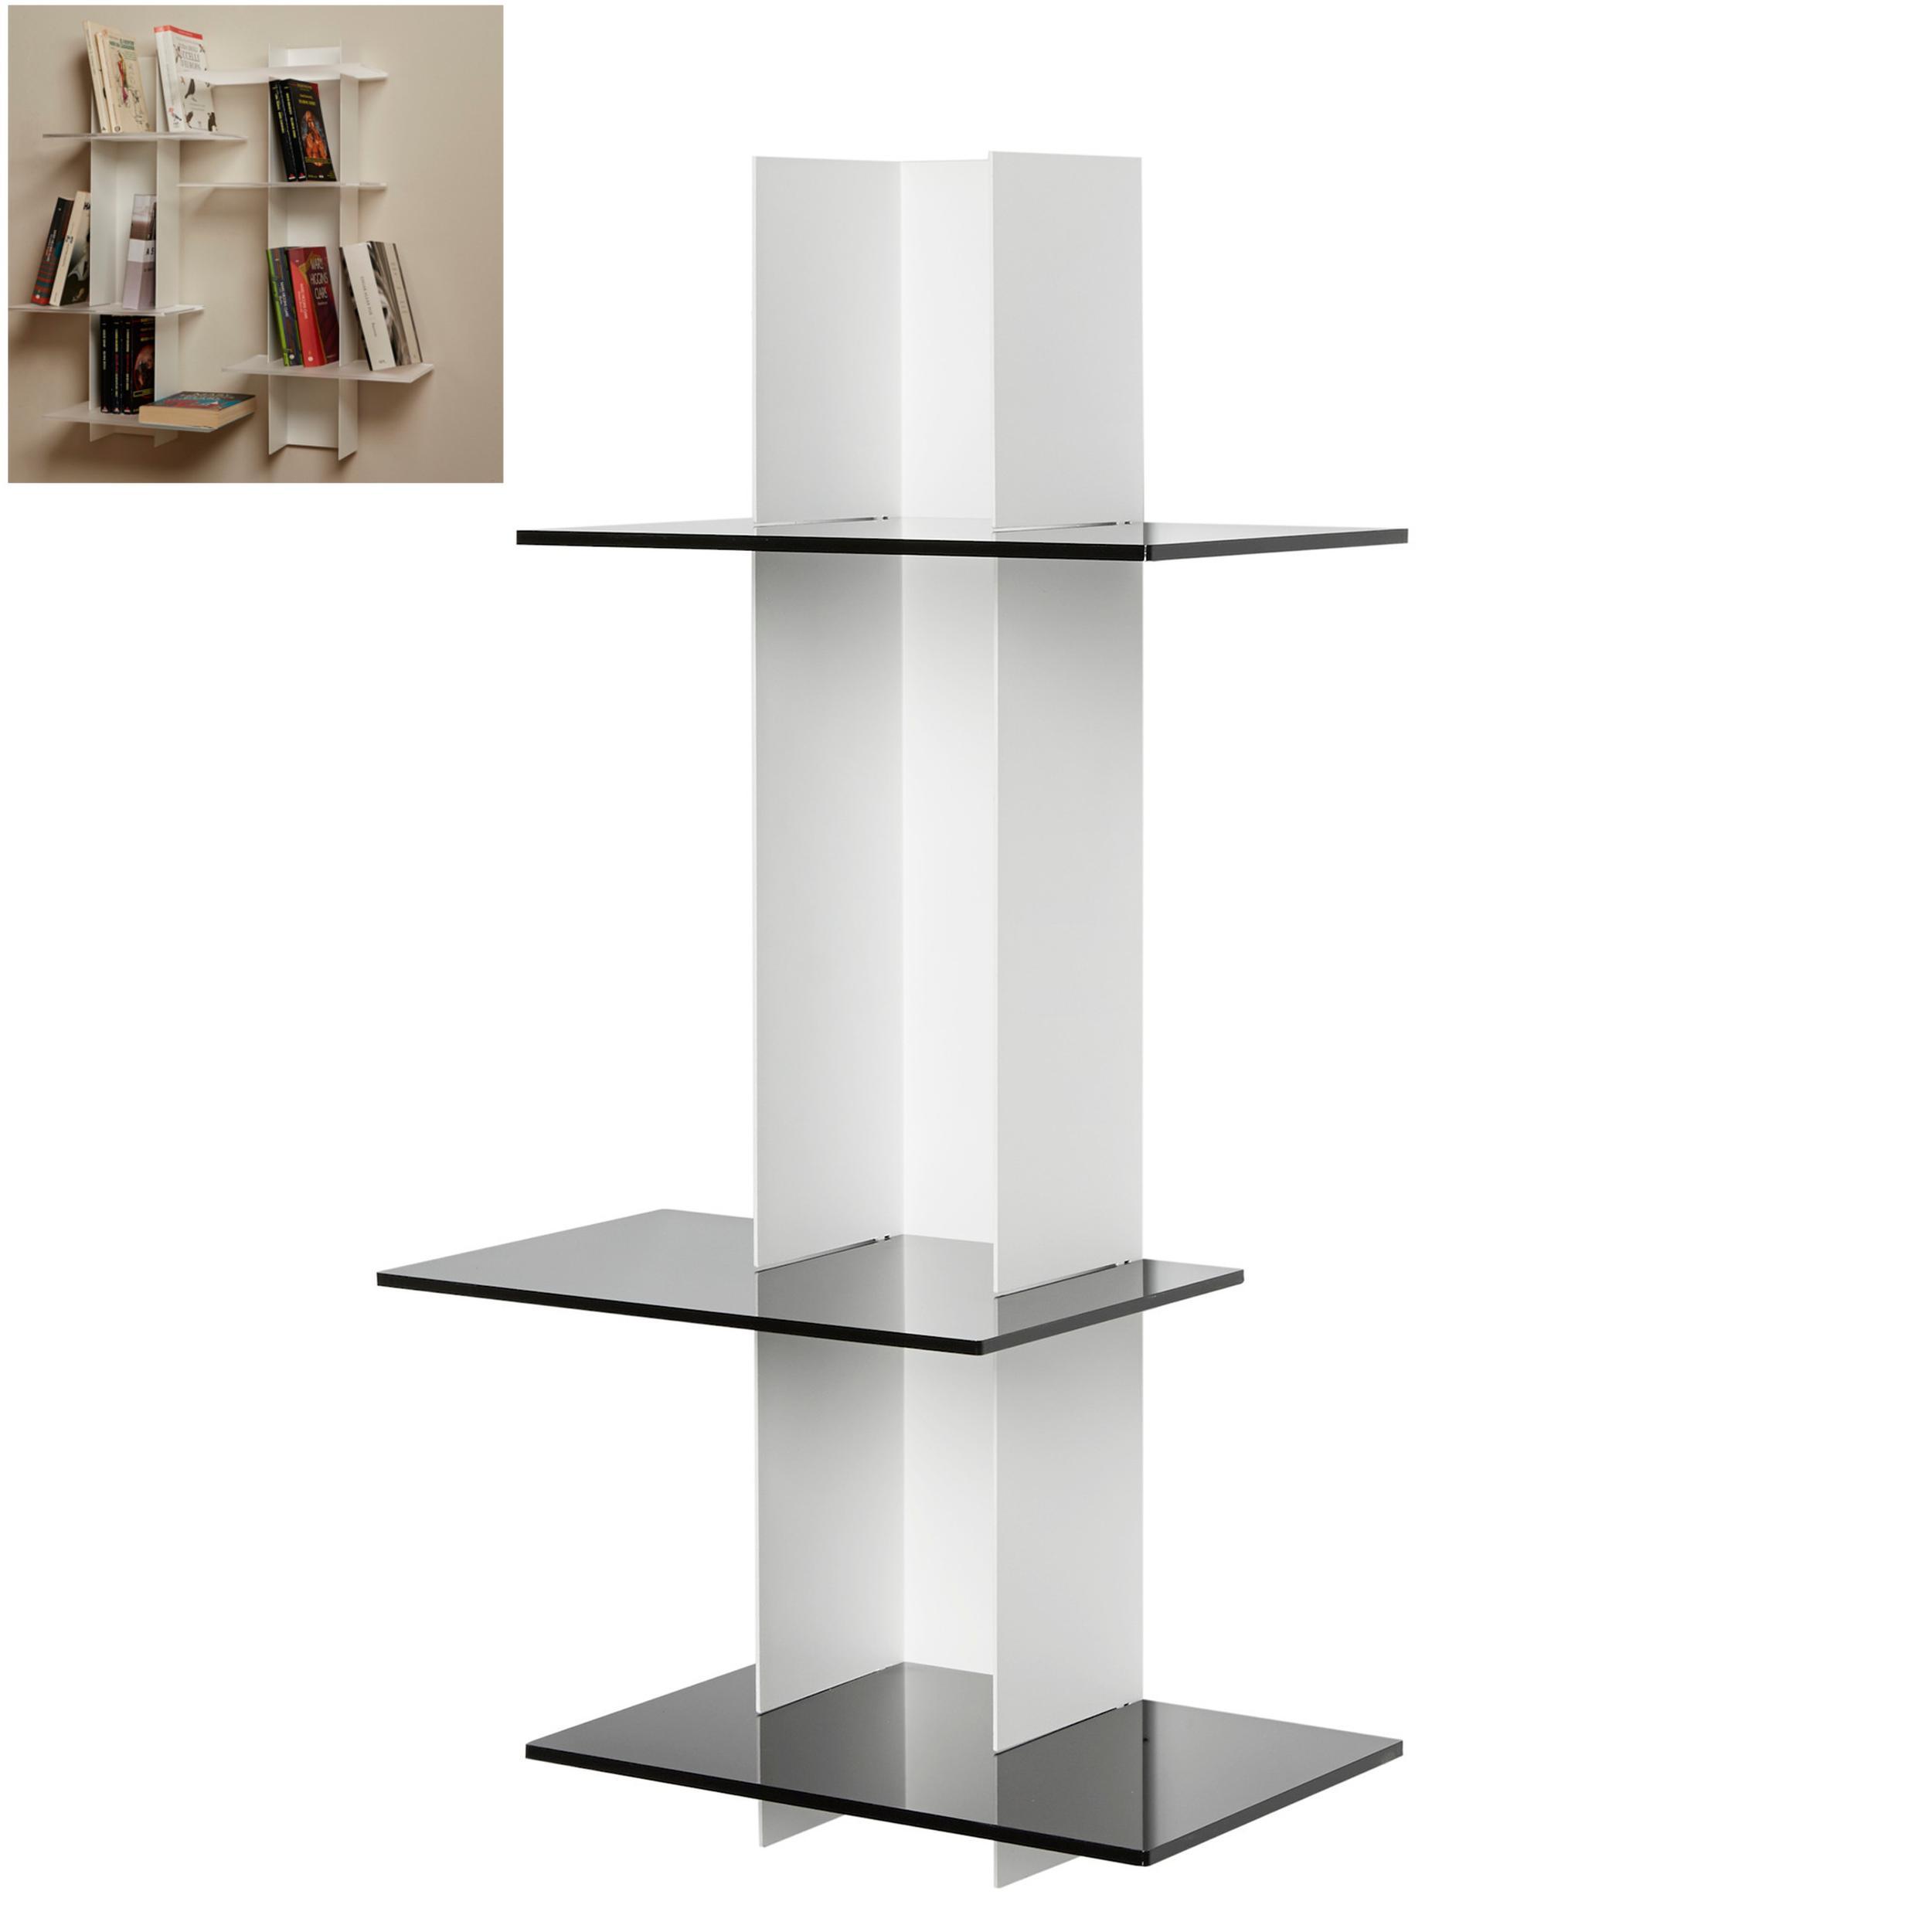 Libreria da Parete verticale Fissaggio a parete ELIB 39x23xh 70 cm con struttura in metallo verniciato bi